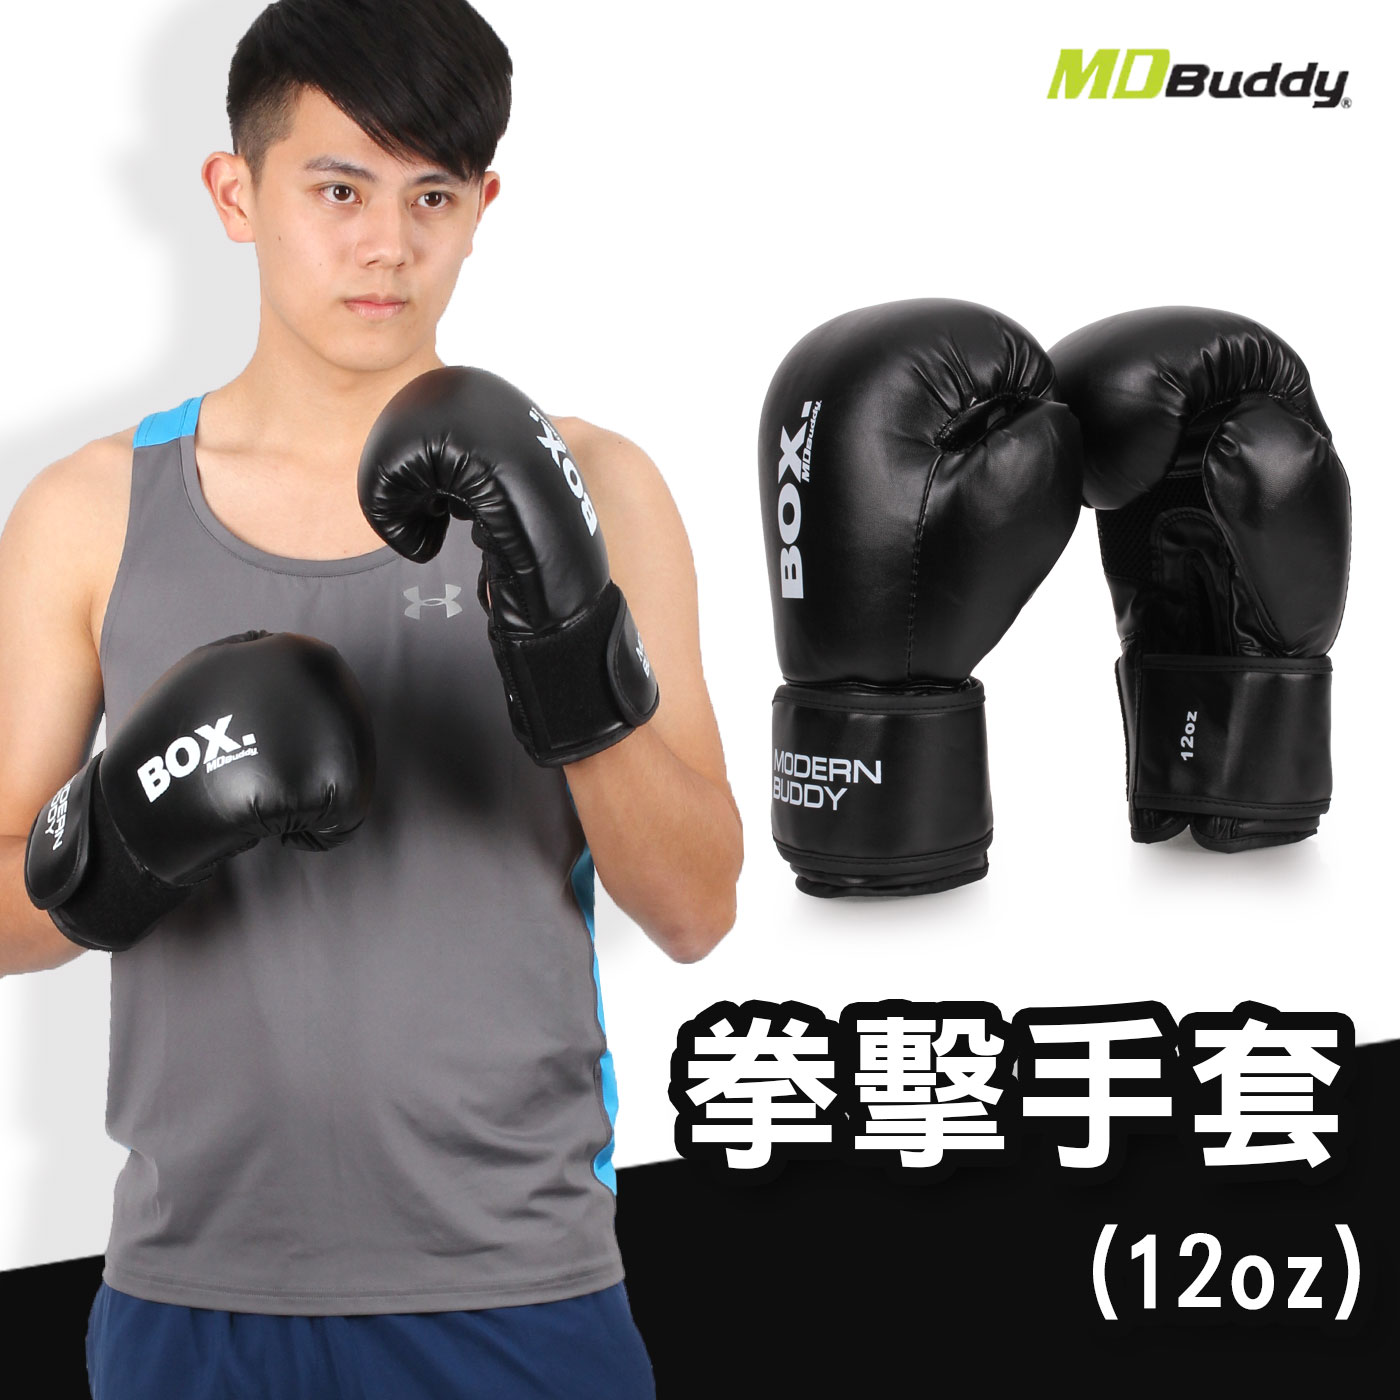 MDBuddy (12oz)拳擊手套 6025401